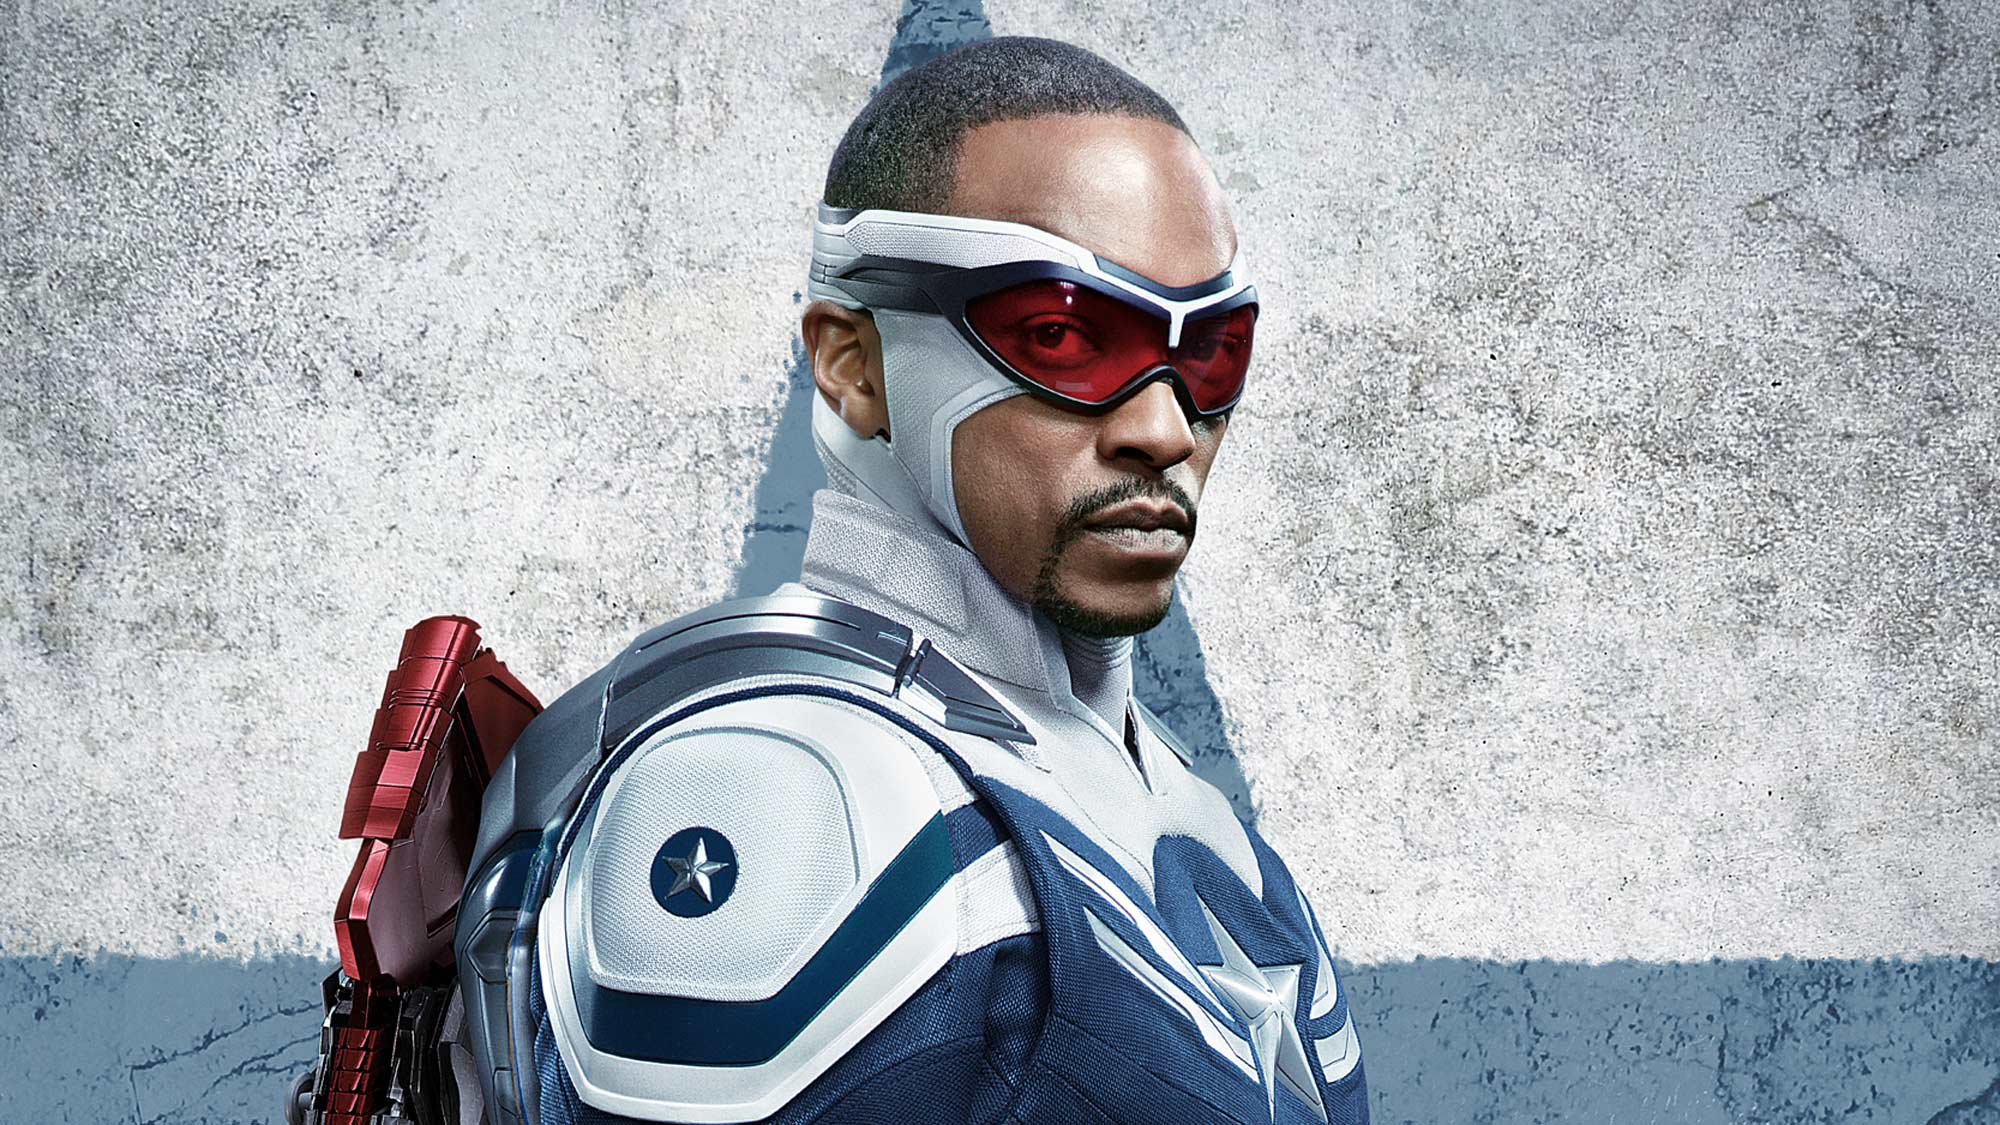 Captain America 4 terbang ke MCU - Inilah yang harus Anda ketahui | Tekno Signal